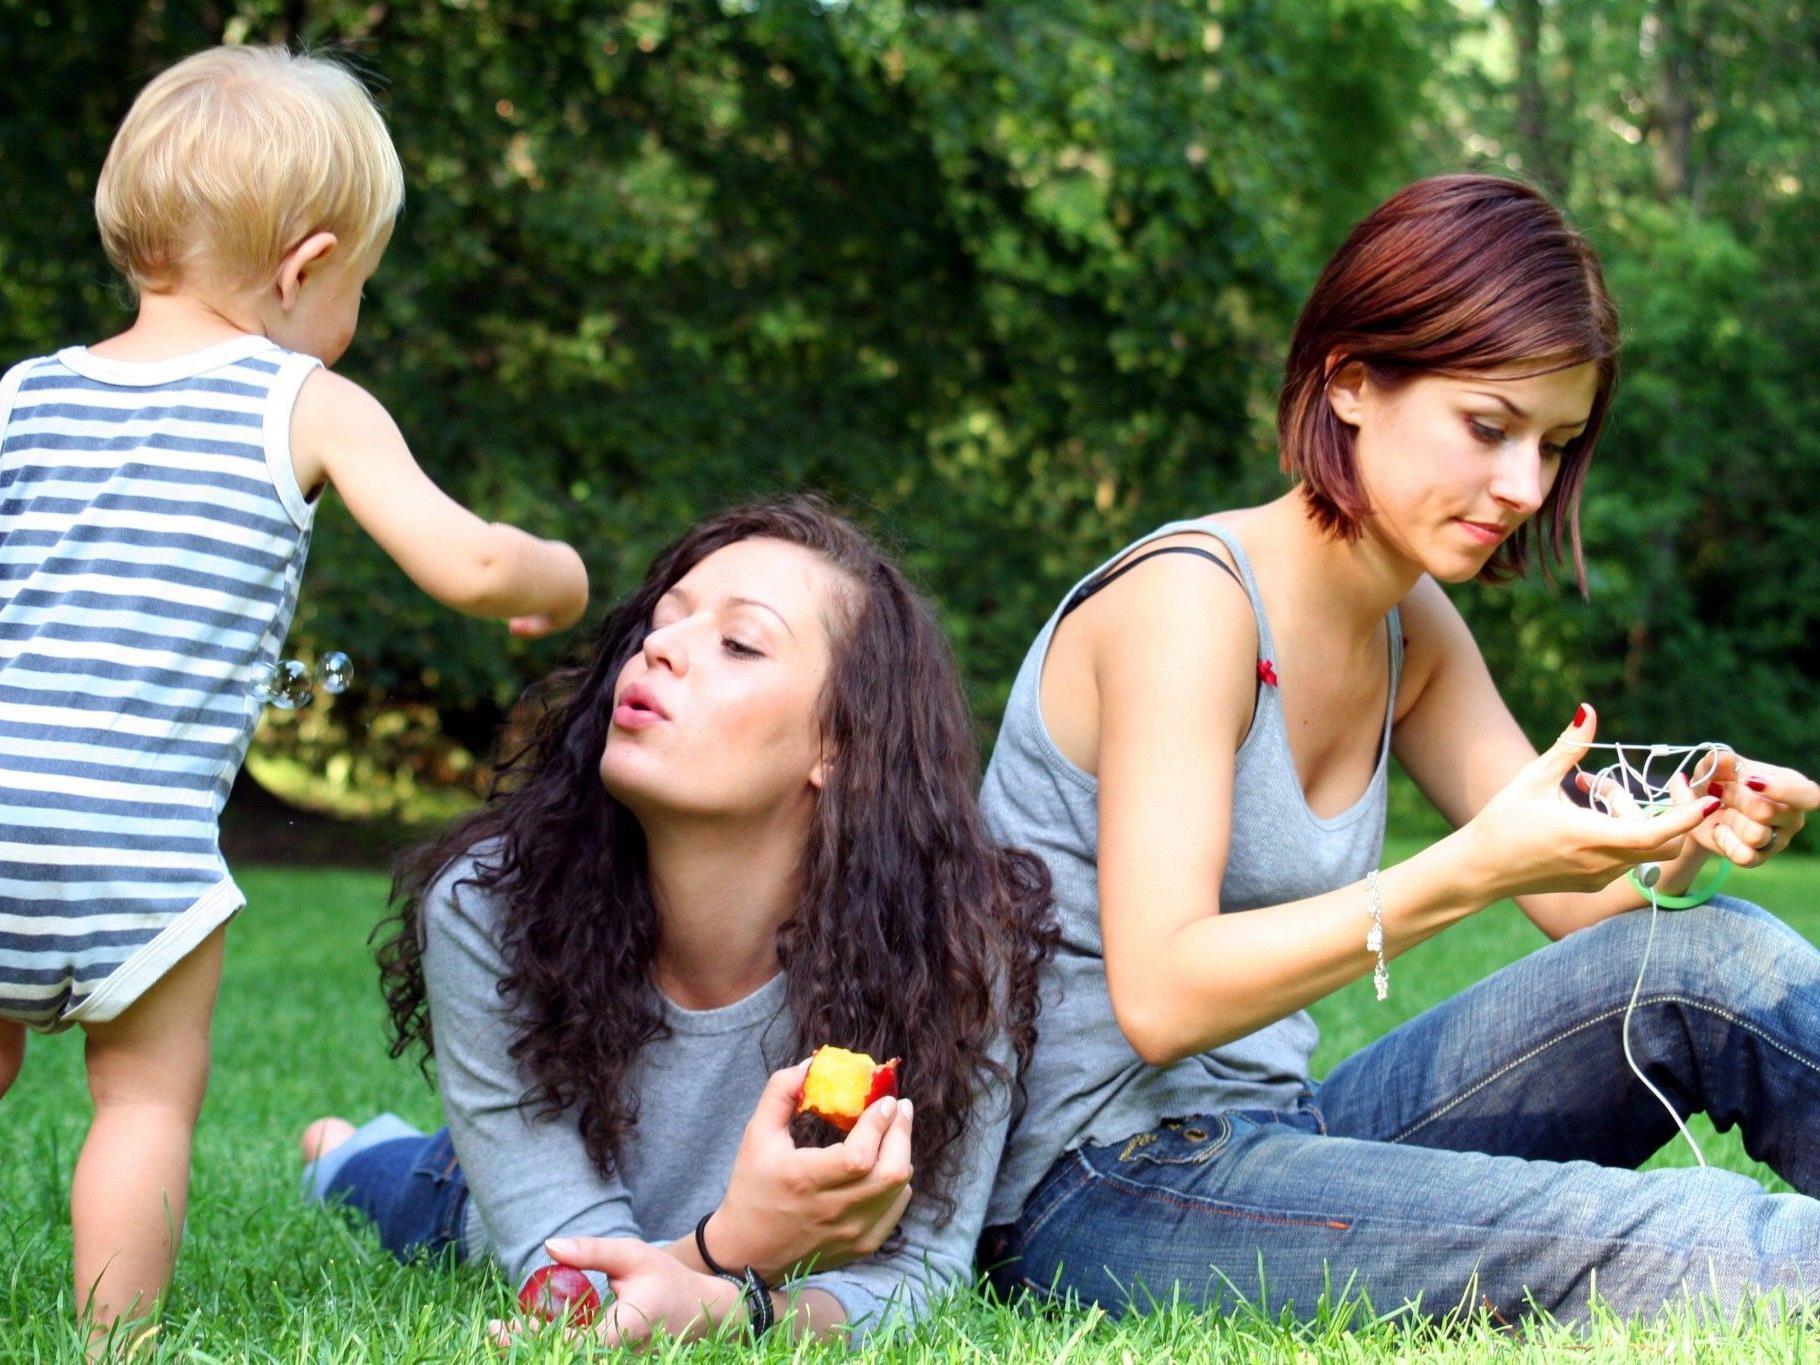 Gleichgeschlechtlichen Paaren soll in der Schweiz die Adoption gestattet werden - in bestimmten Fällen.